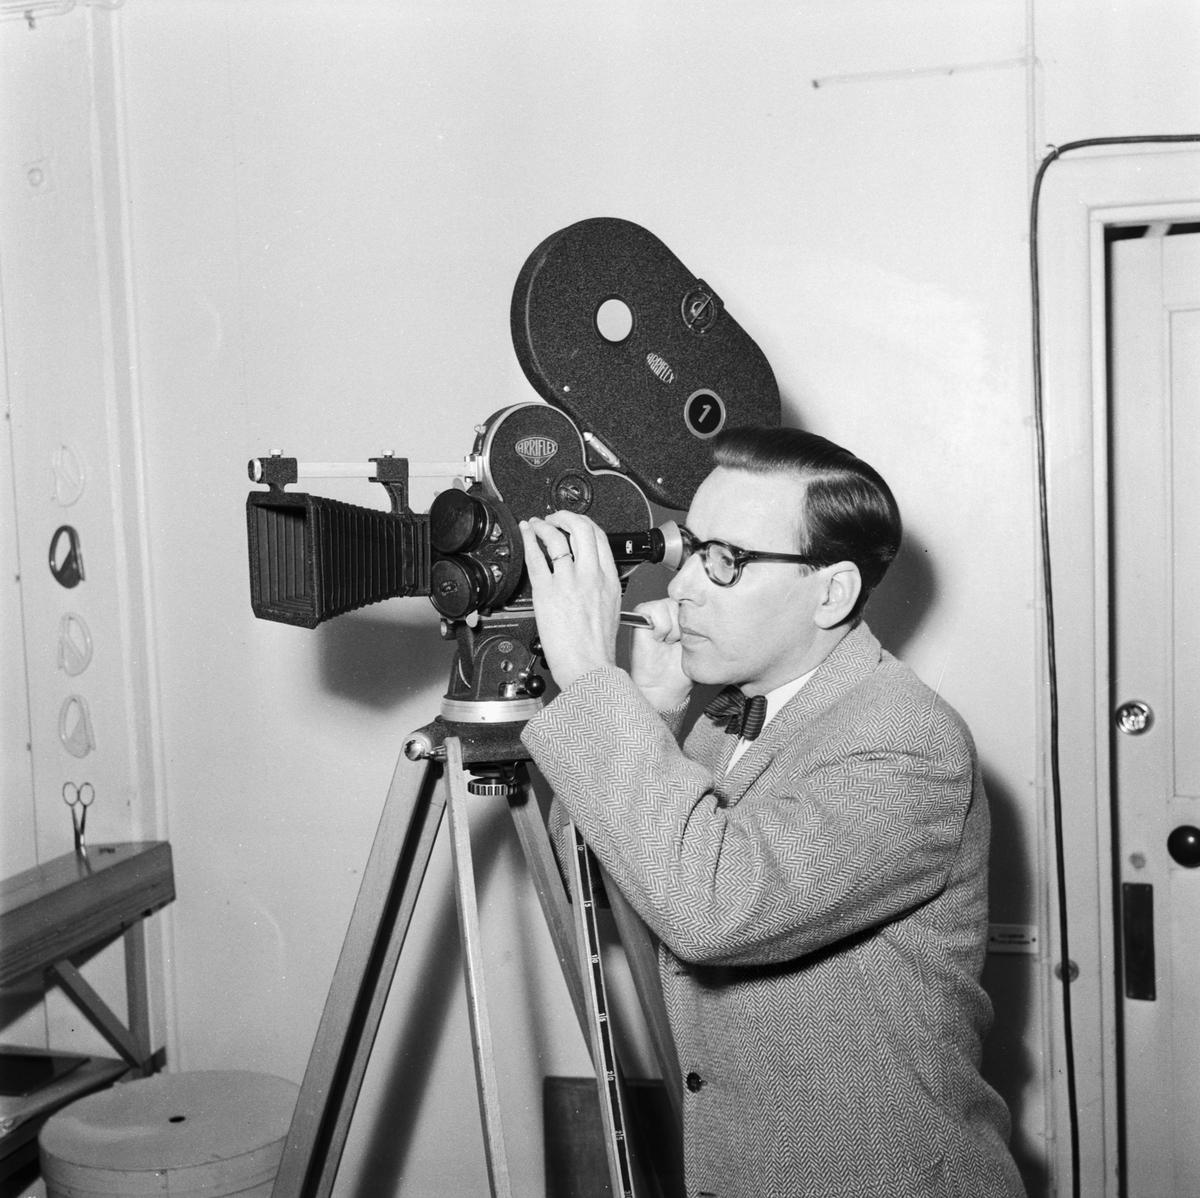 """Övrigt: Foto datum: 24/5 1957 Byggnader och kranar """"Varvet runt"""" labbpersonal. Närmast identisk bild: V13771, ej skannad"""